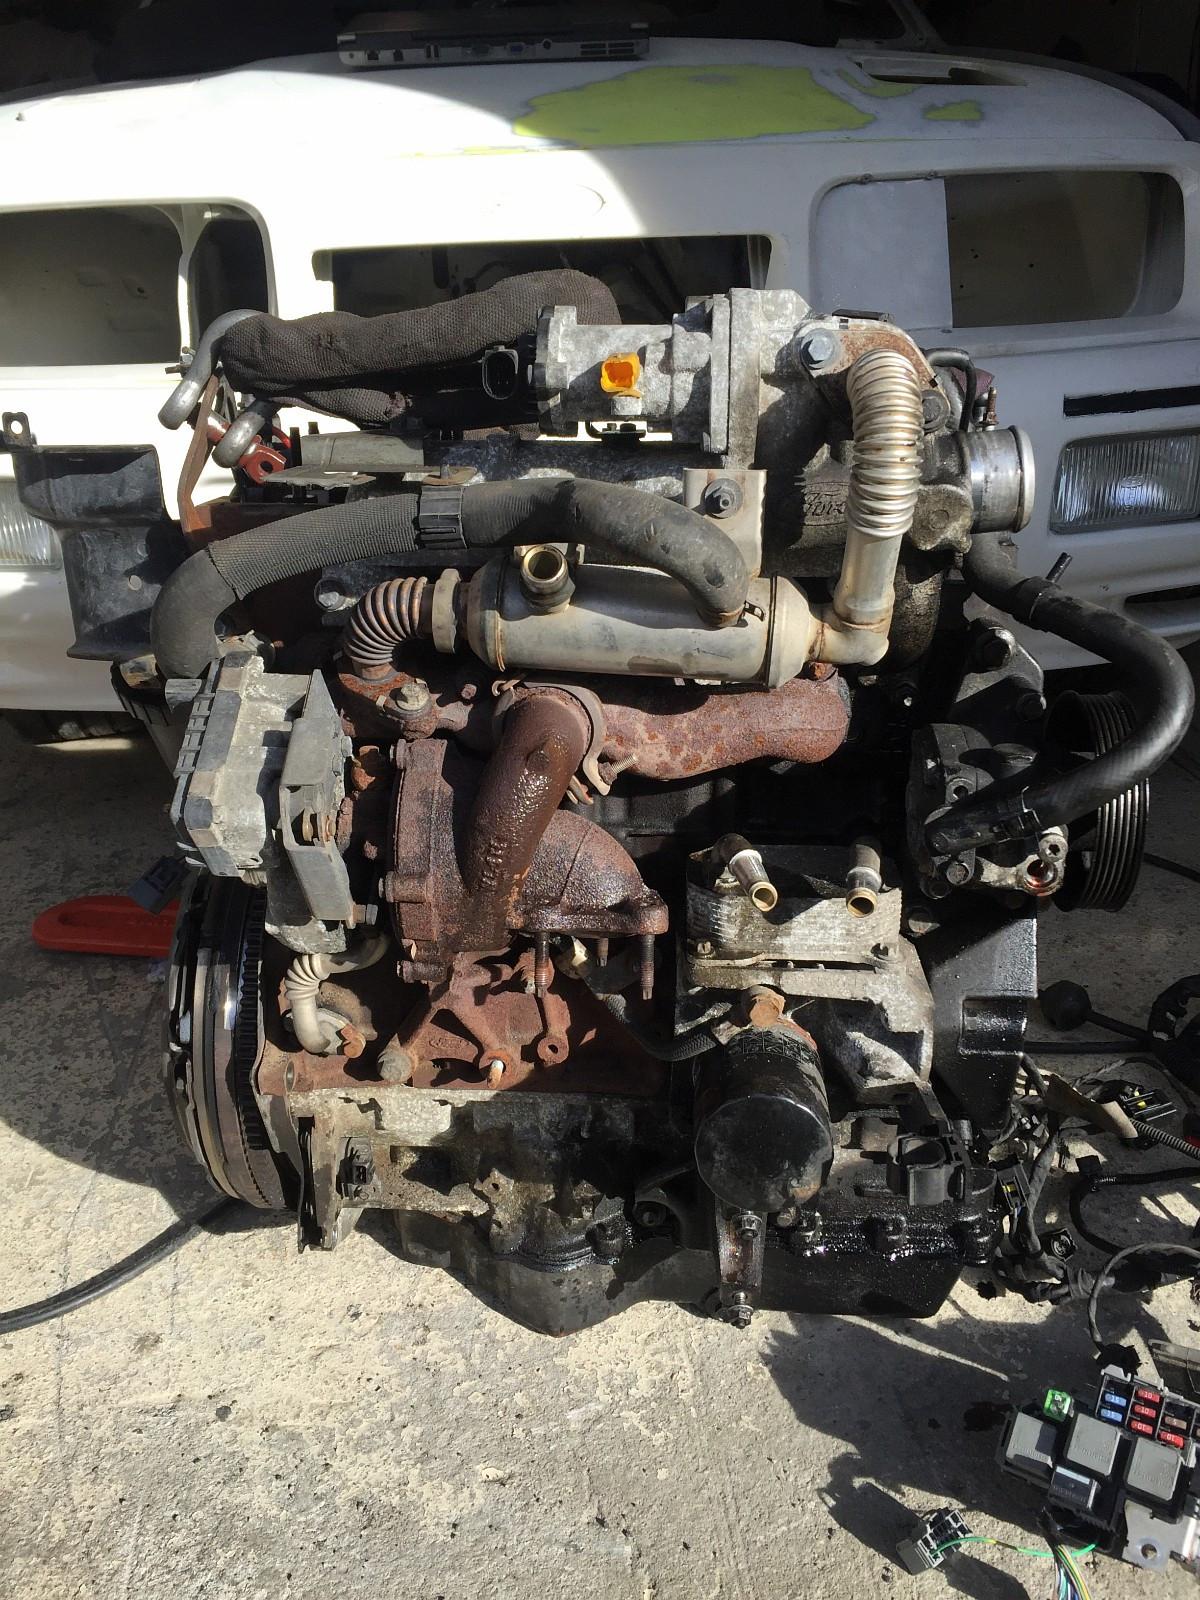 Ford - Neslandsvatn  - Ford 2007 mod 1,8 turbo diesel motor selges i deler. Mangler dynamo og starter. Selges hel for 3000kr eller i deler. Motor gått 280t km Turbo er Ok dyser og diesel pumpe er Ok. Havari på indre registerreim er årsaken til havari. Ledning - Neslandsvatn